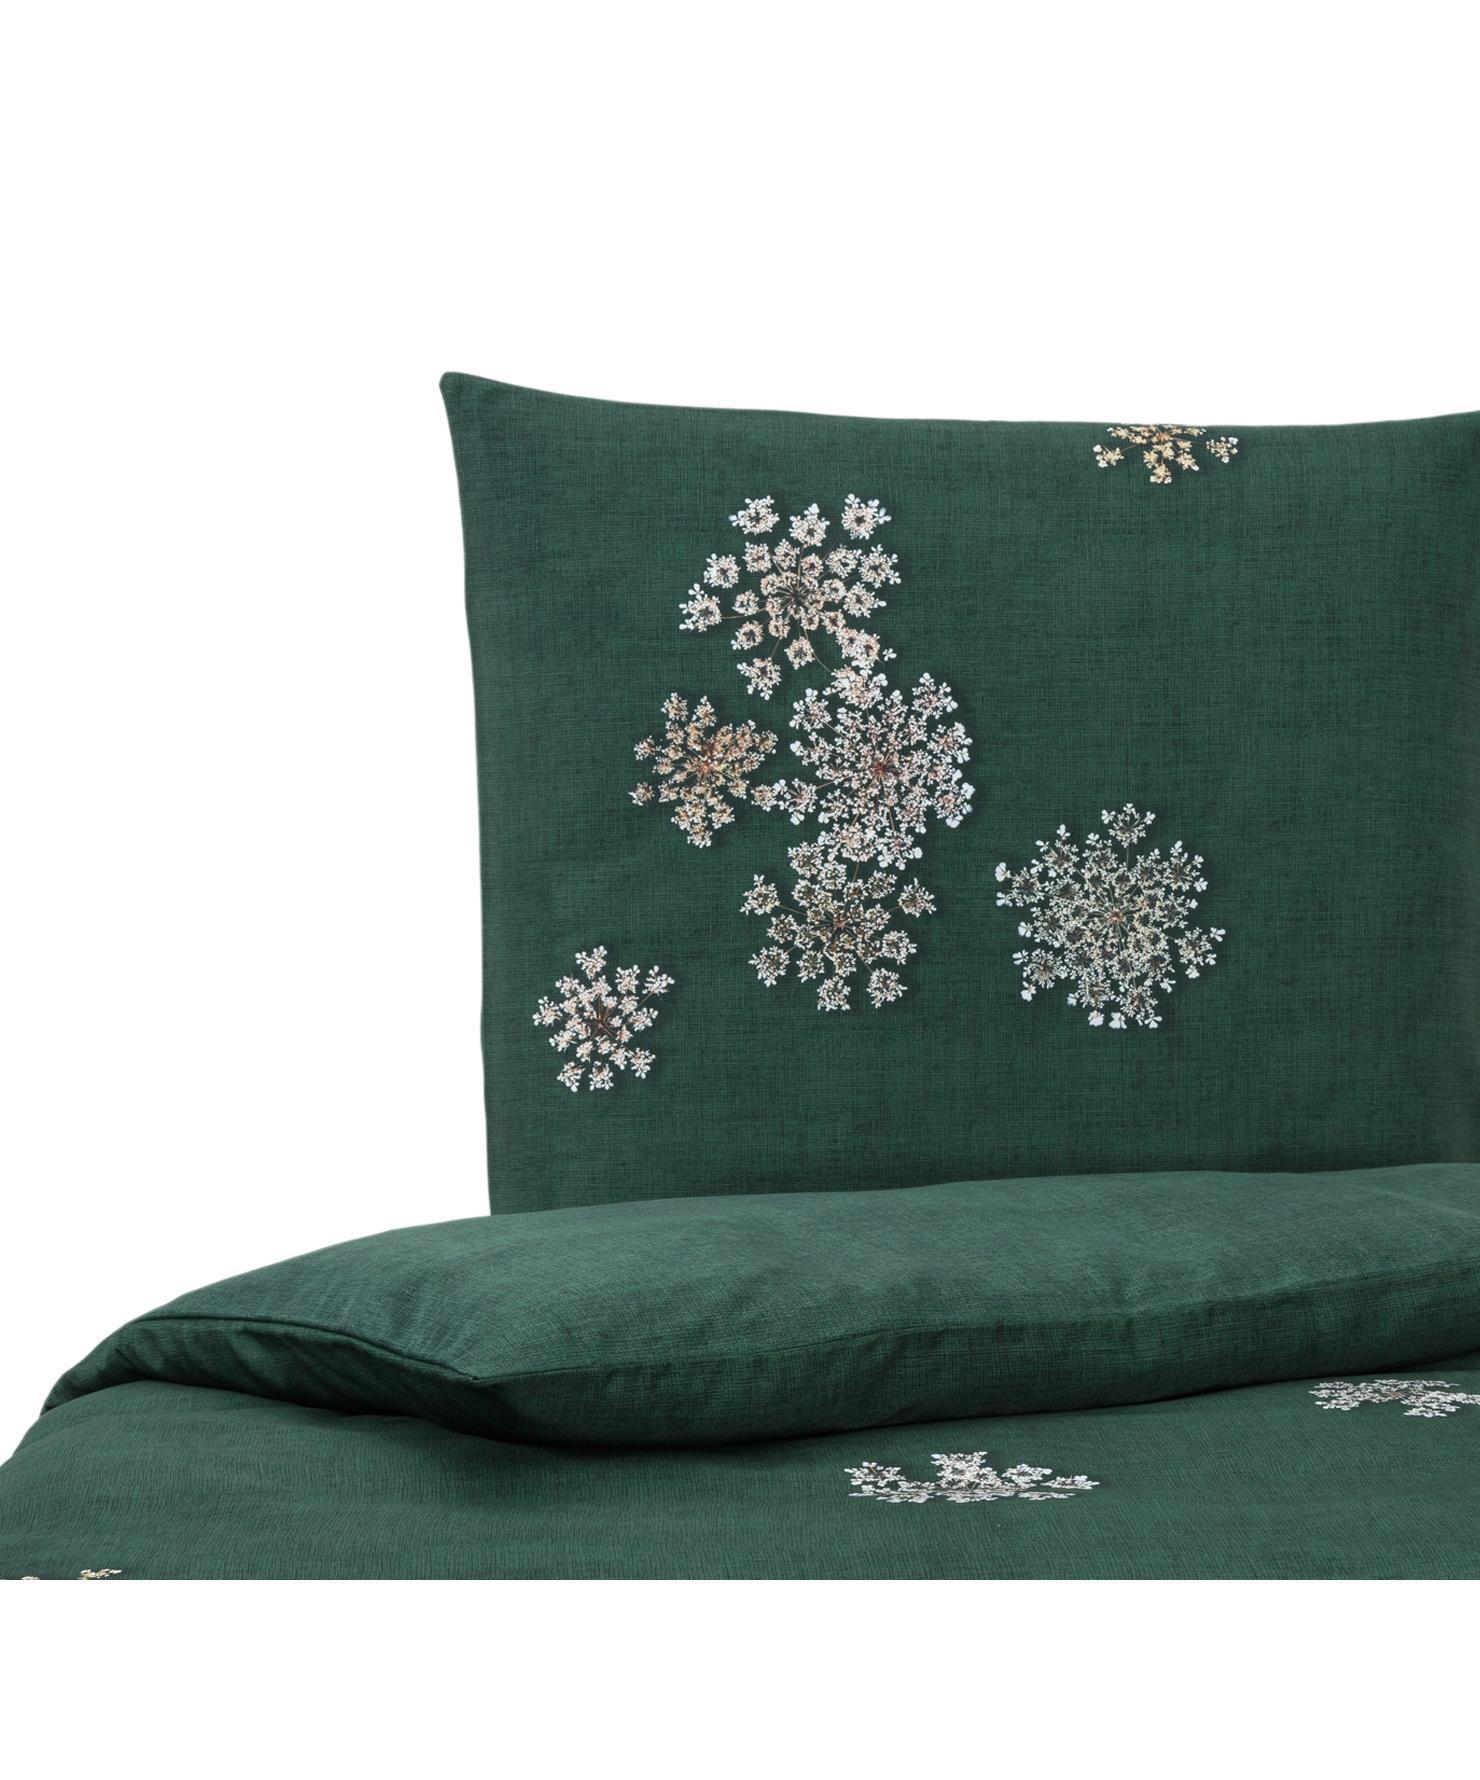 Katoenen dekbedovertrek Lauren, Groen, 140 x 220 cm